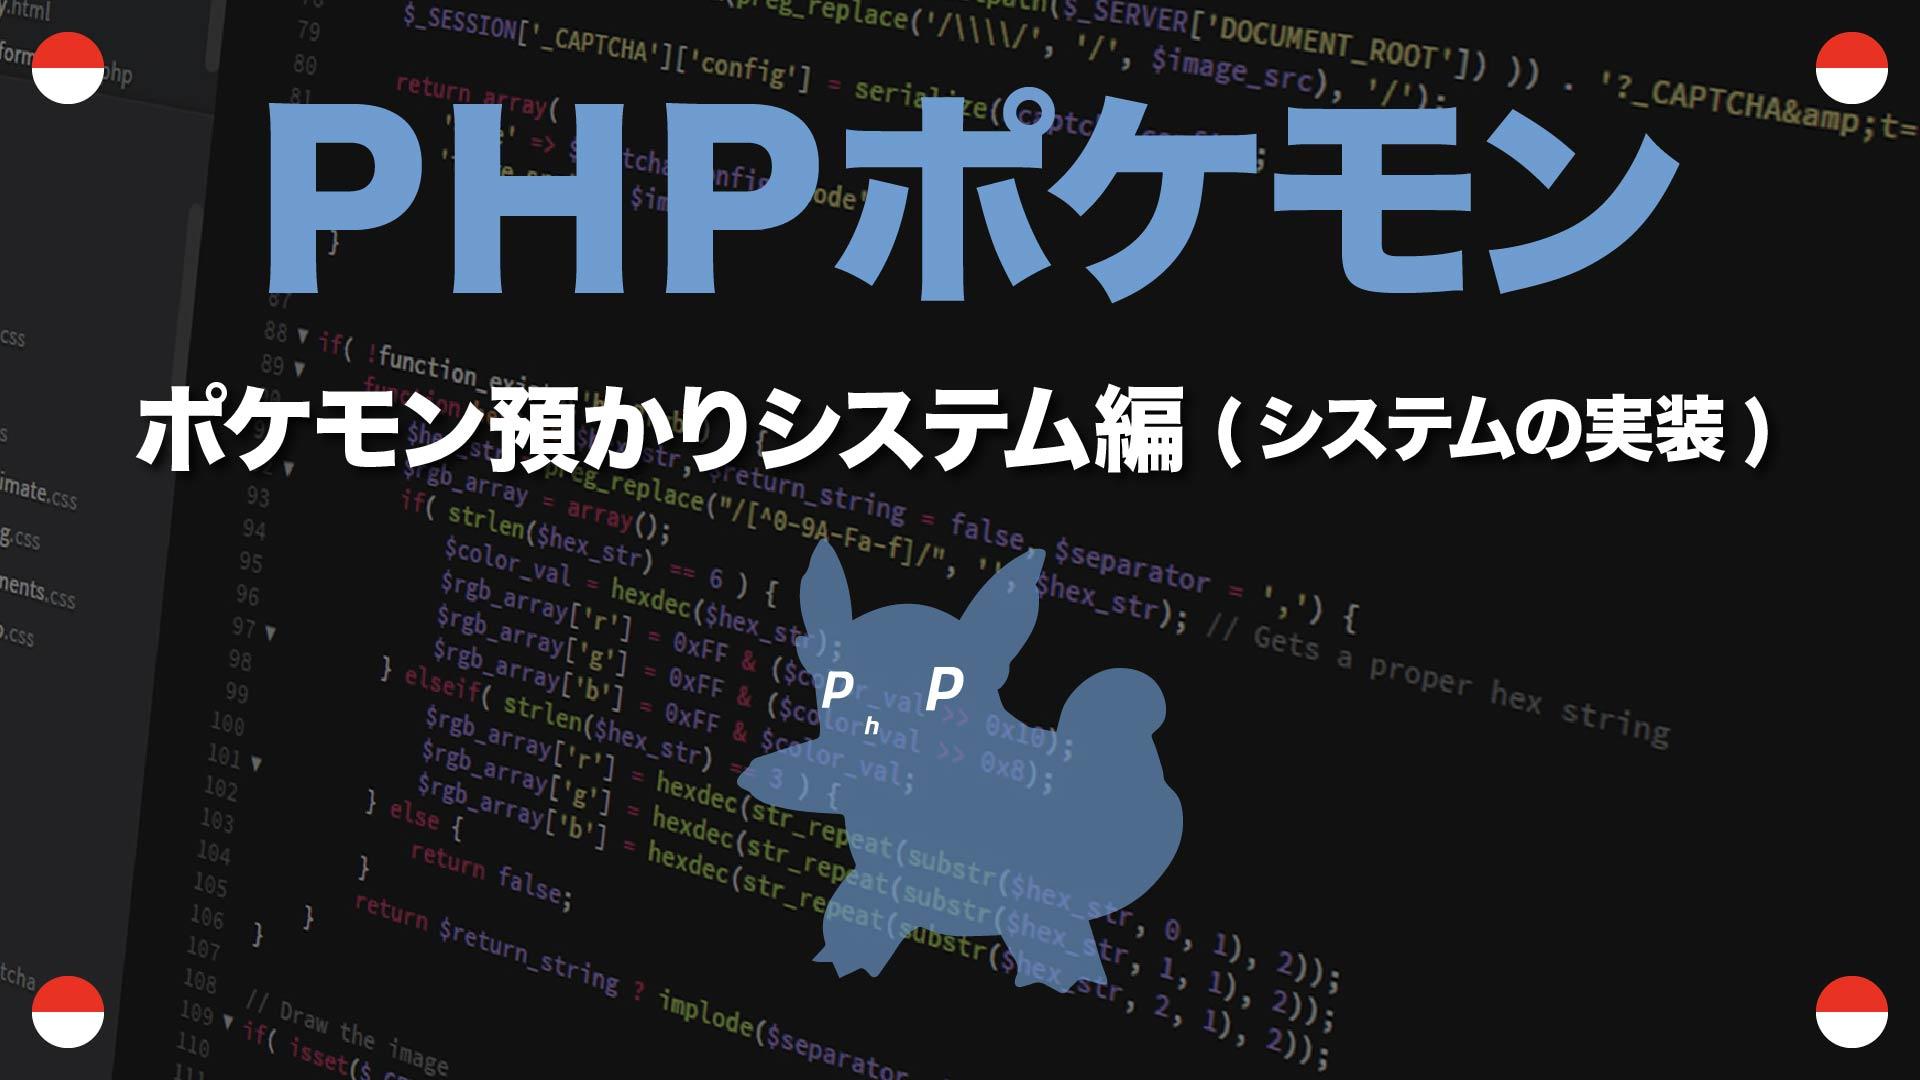 ポケモン預かりシステム編 システムの実装 PHPポケモン 87